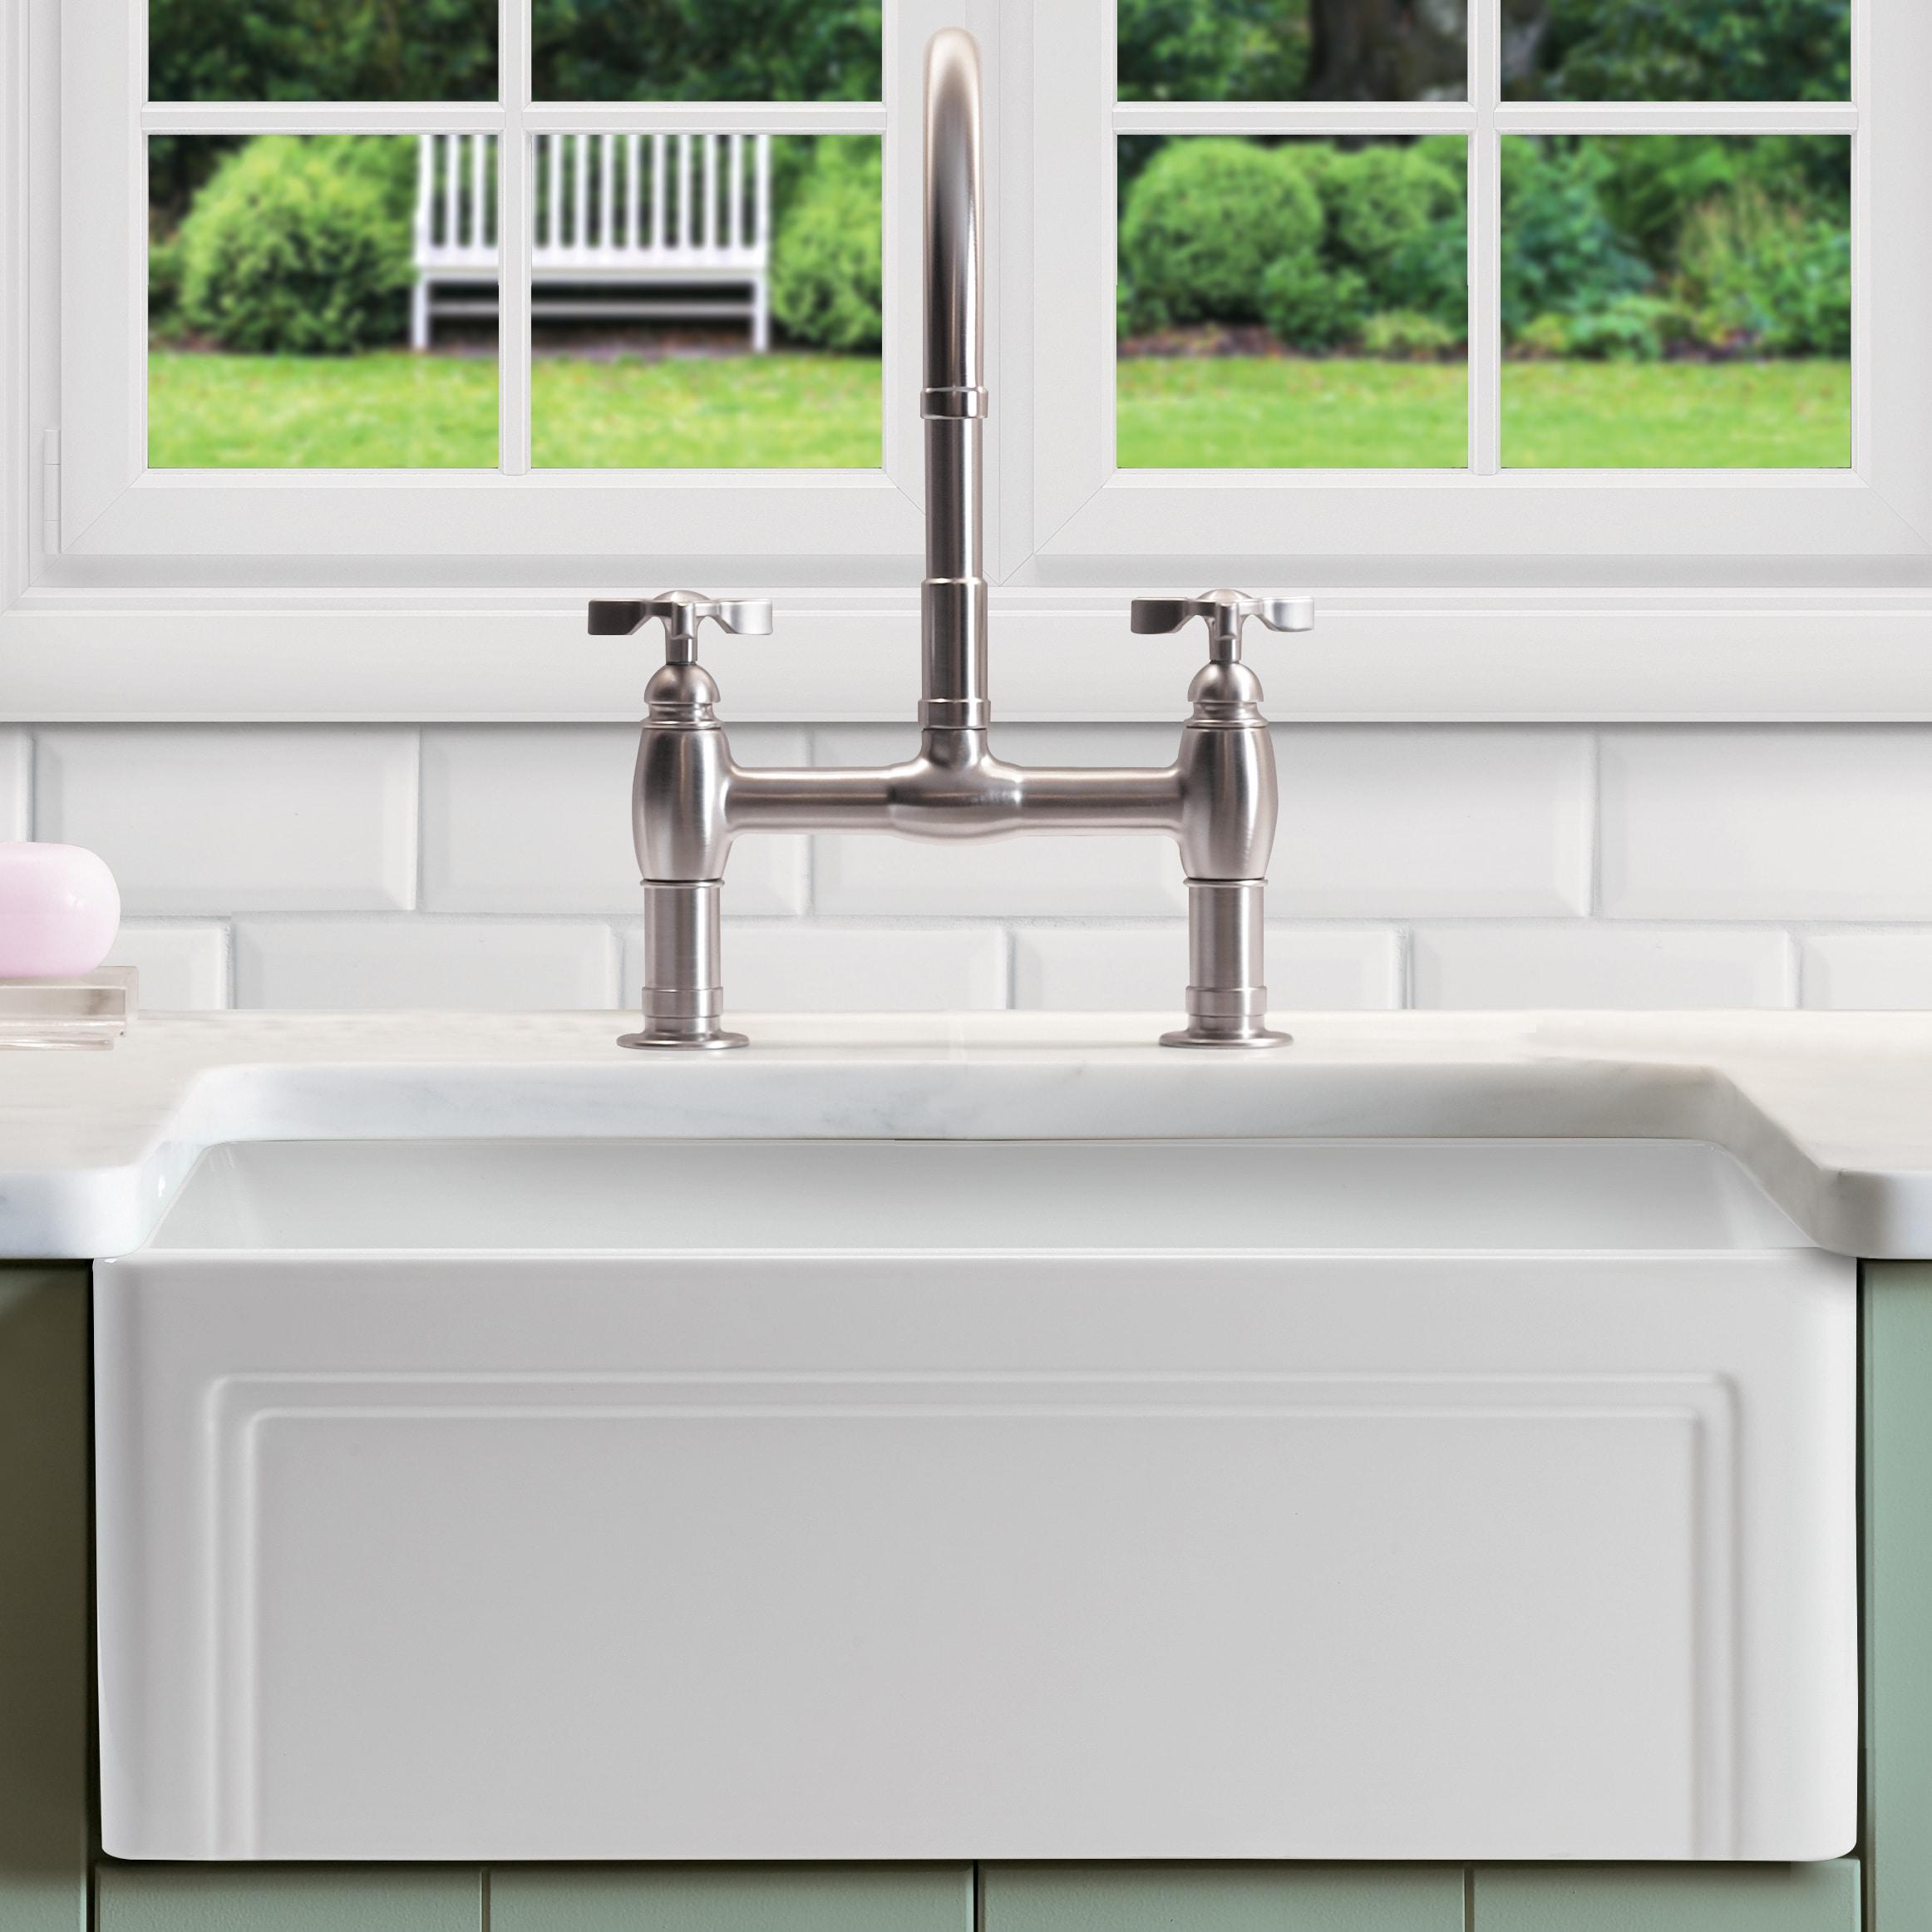 buy kitchen sinks online at overstock our best sinks deals rh overstock com